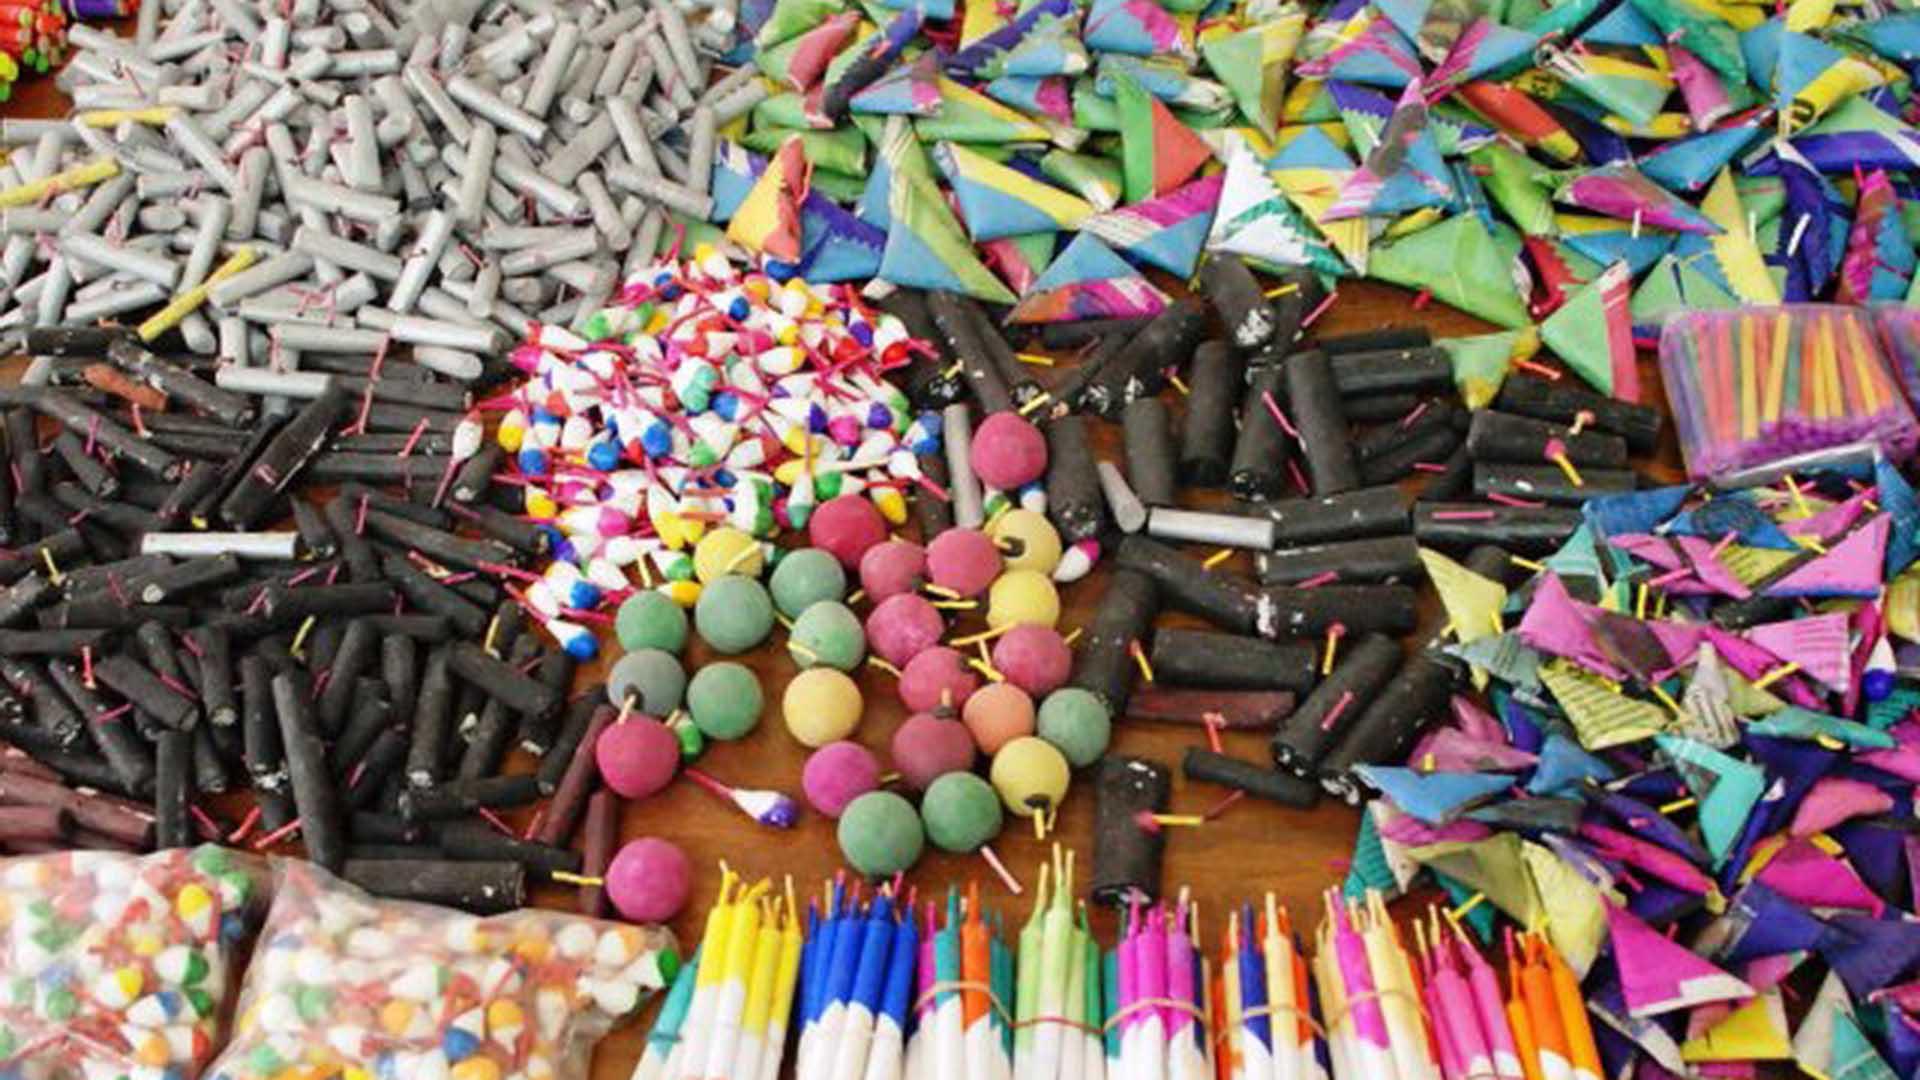 Tradicion Peligrosa Los Juegos Pirotecnicos Mexicanos